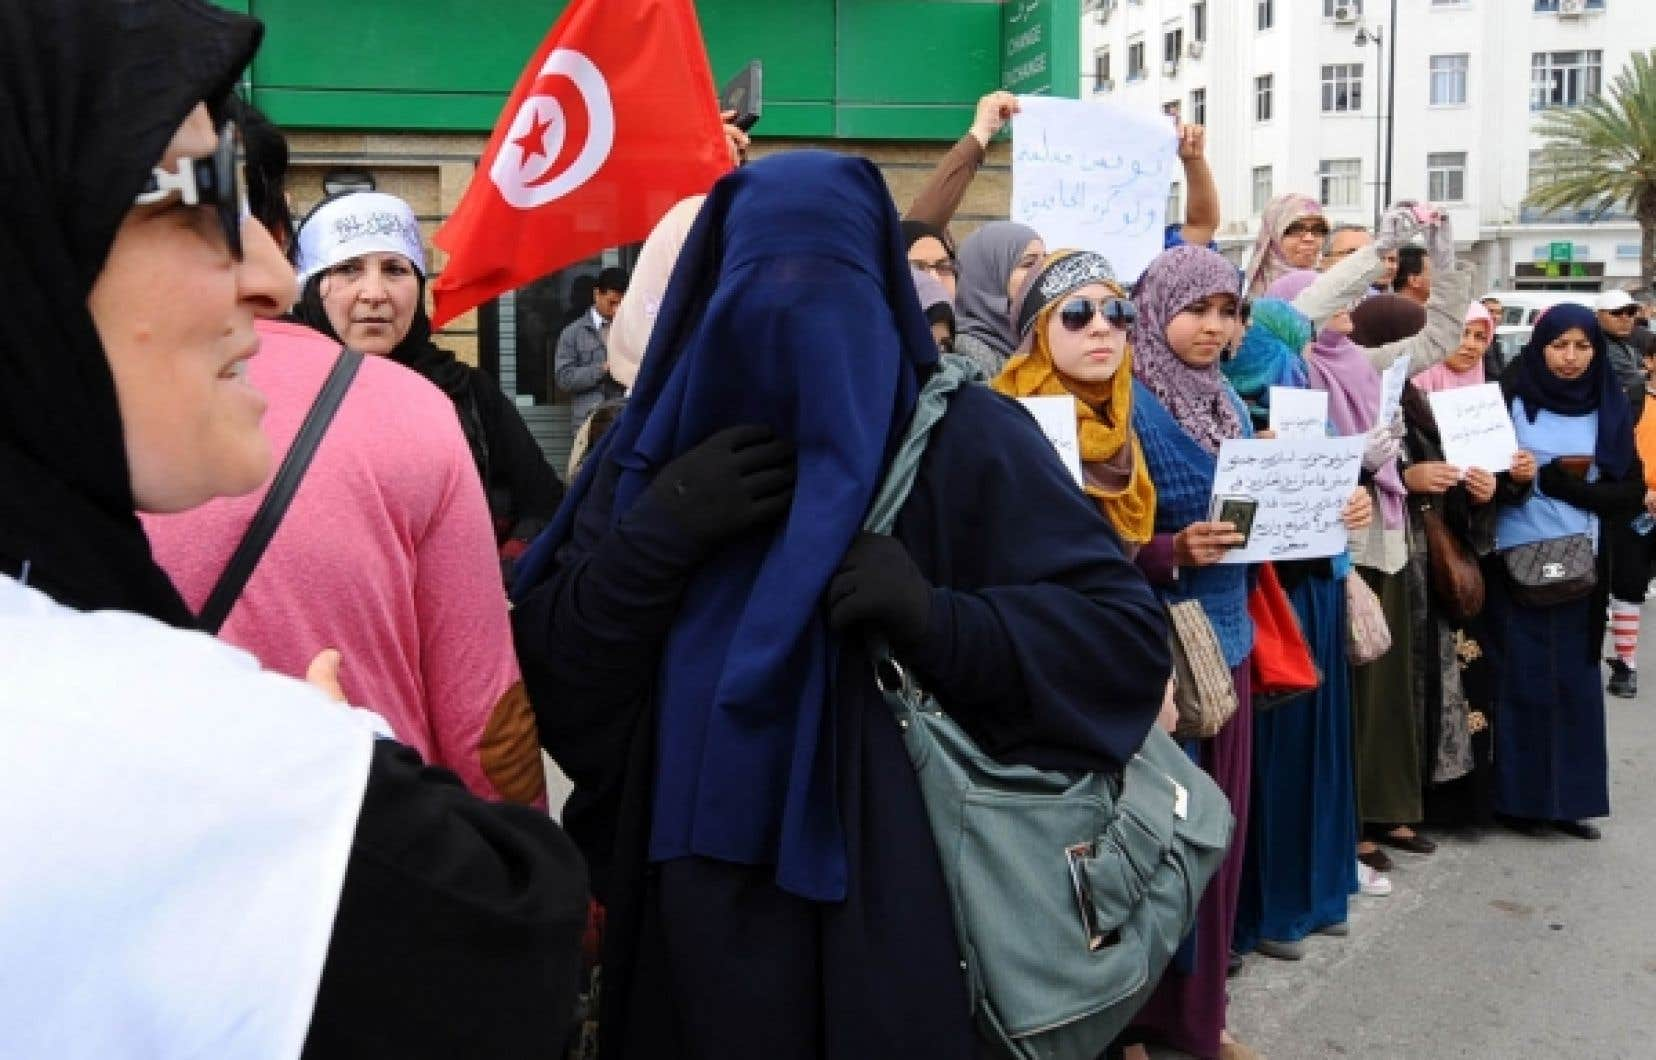 Les salafistes tunisiens ont tenu une série de manifestations pour faire pression sur Ennahda.<br />